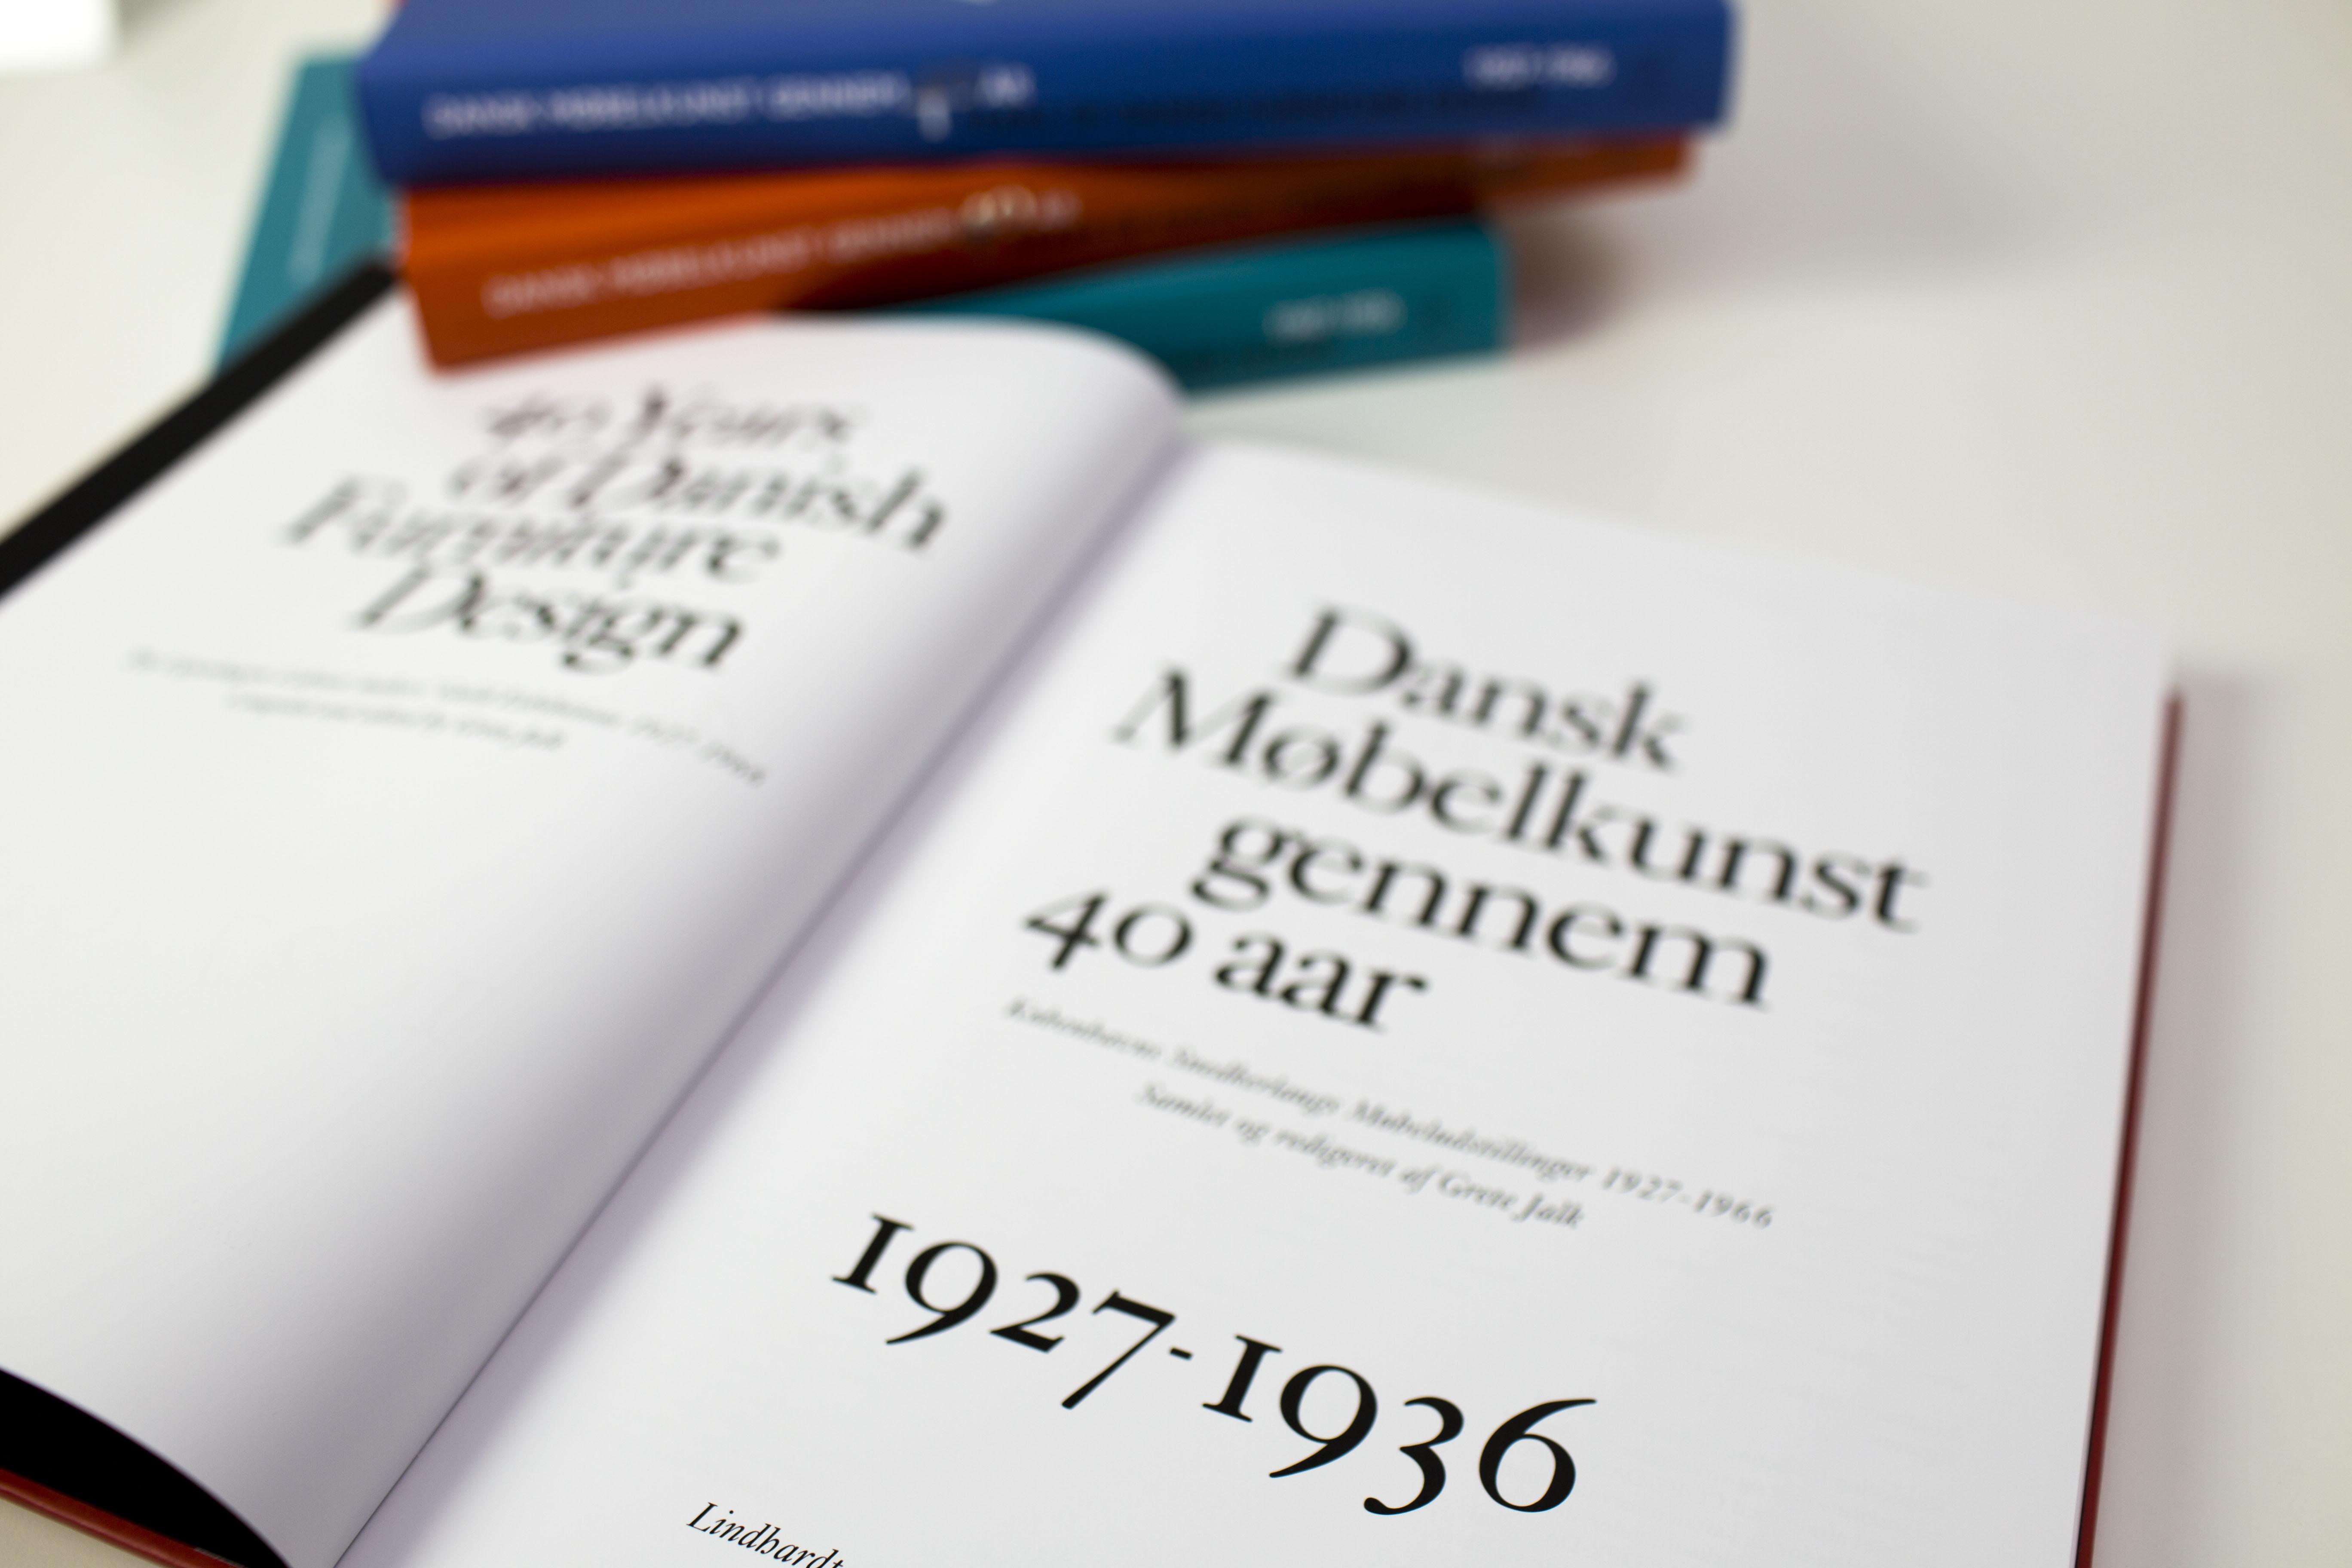 1c3ba3e6d Solgt for 10.000 på auktion: Eftertragtet samlerobjekt bliver ...